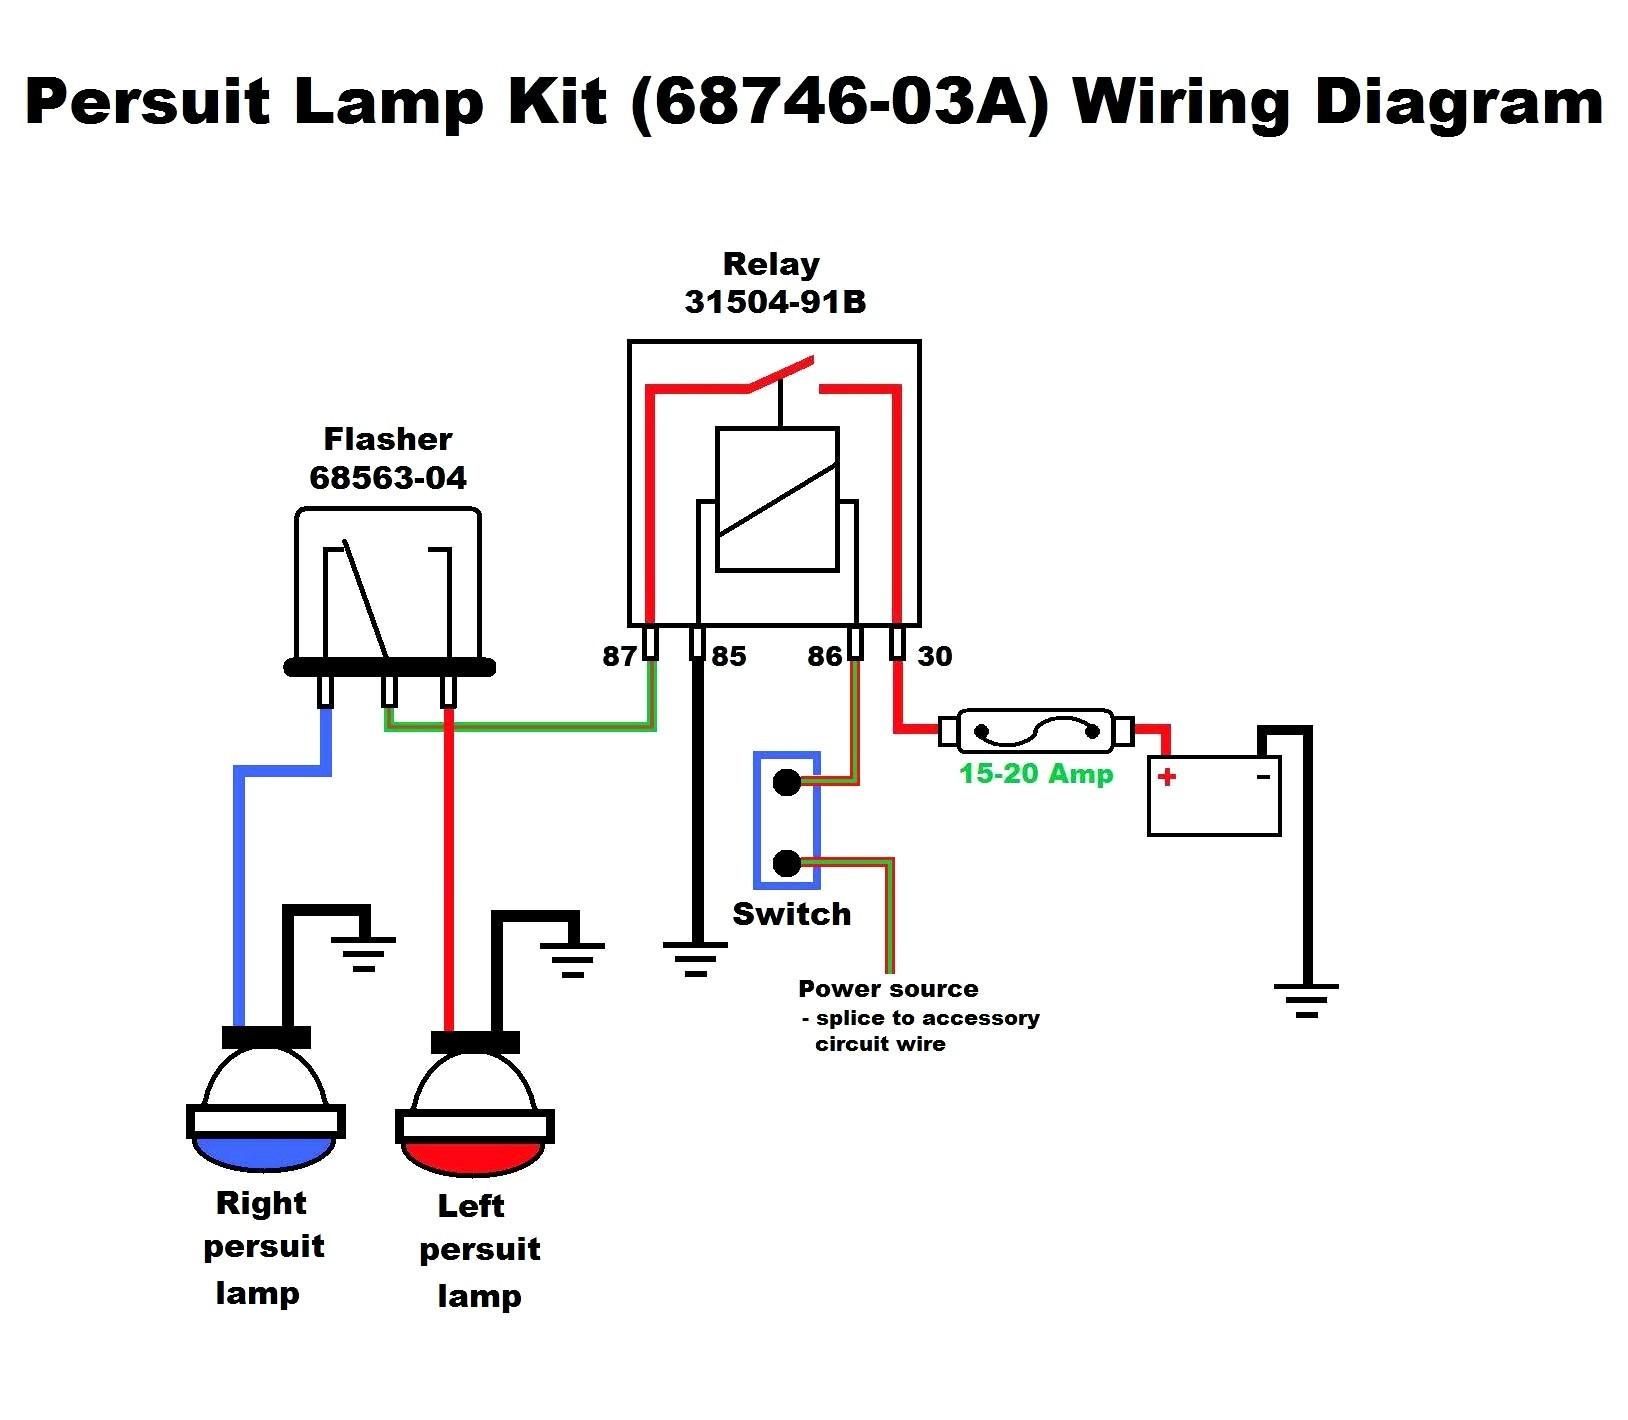 reed 4 pin relay wiring diagram